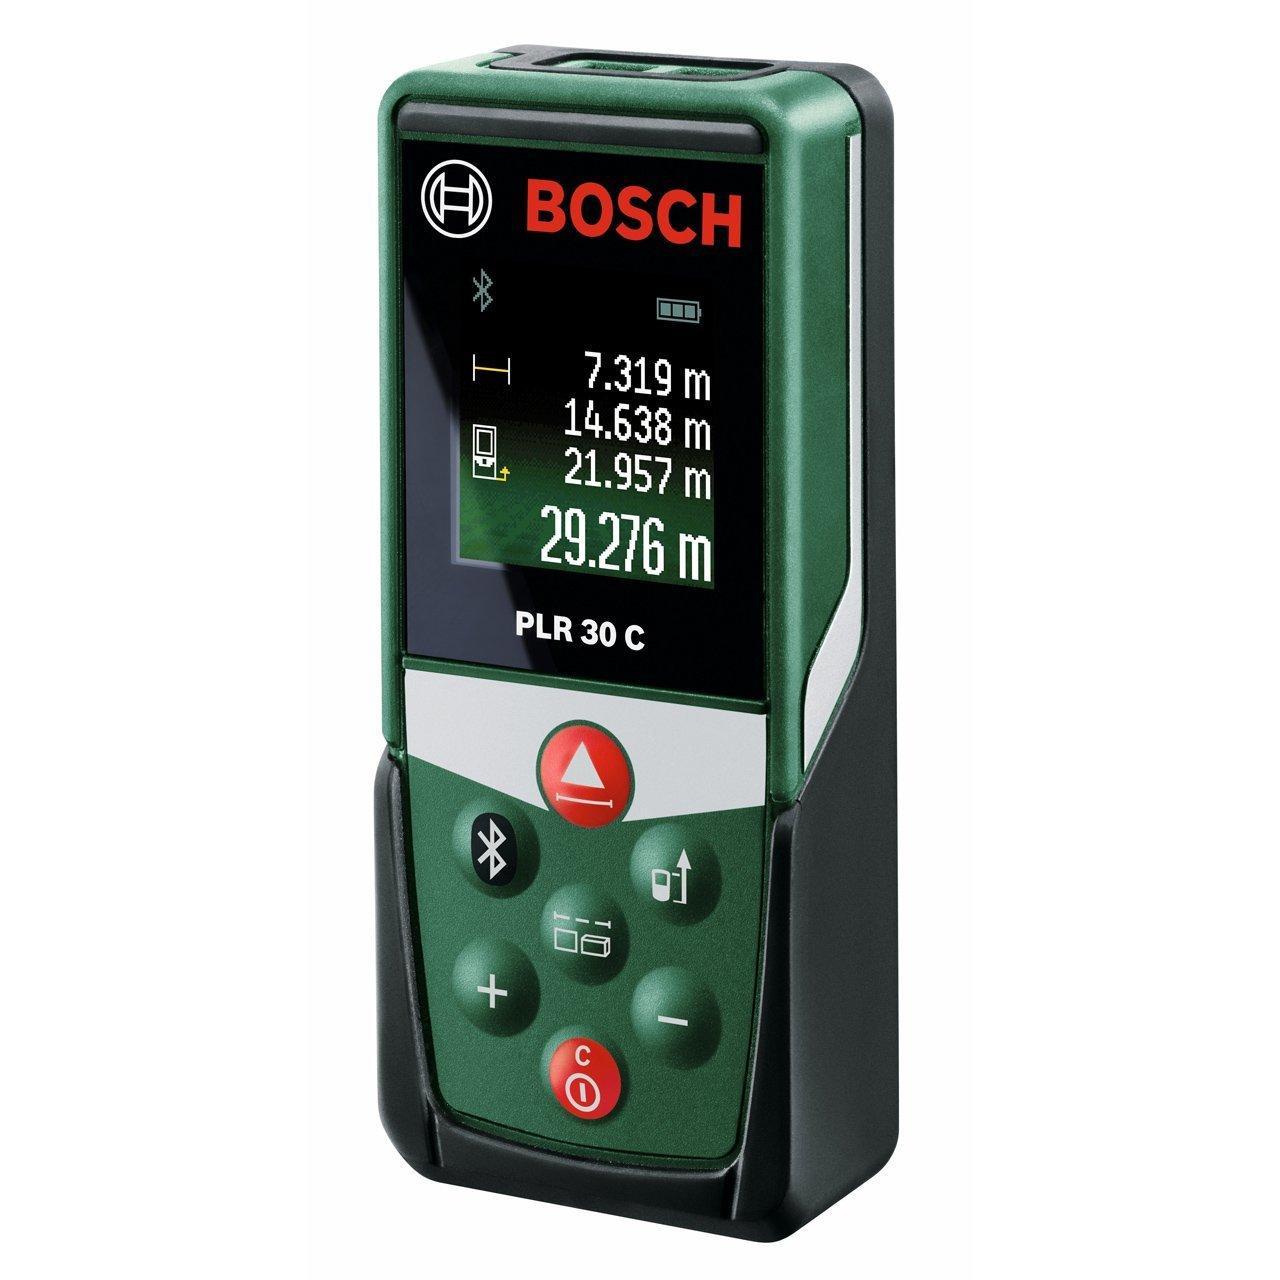 [Premium] Télémètre laser Bosch connecté PLR 30C